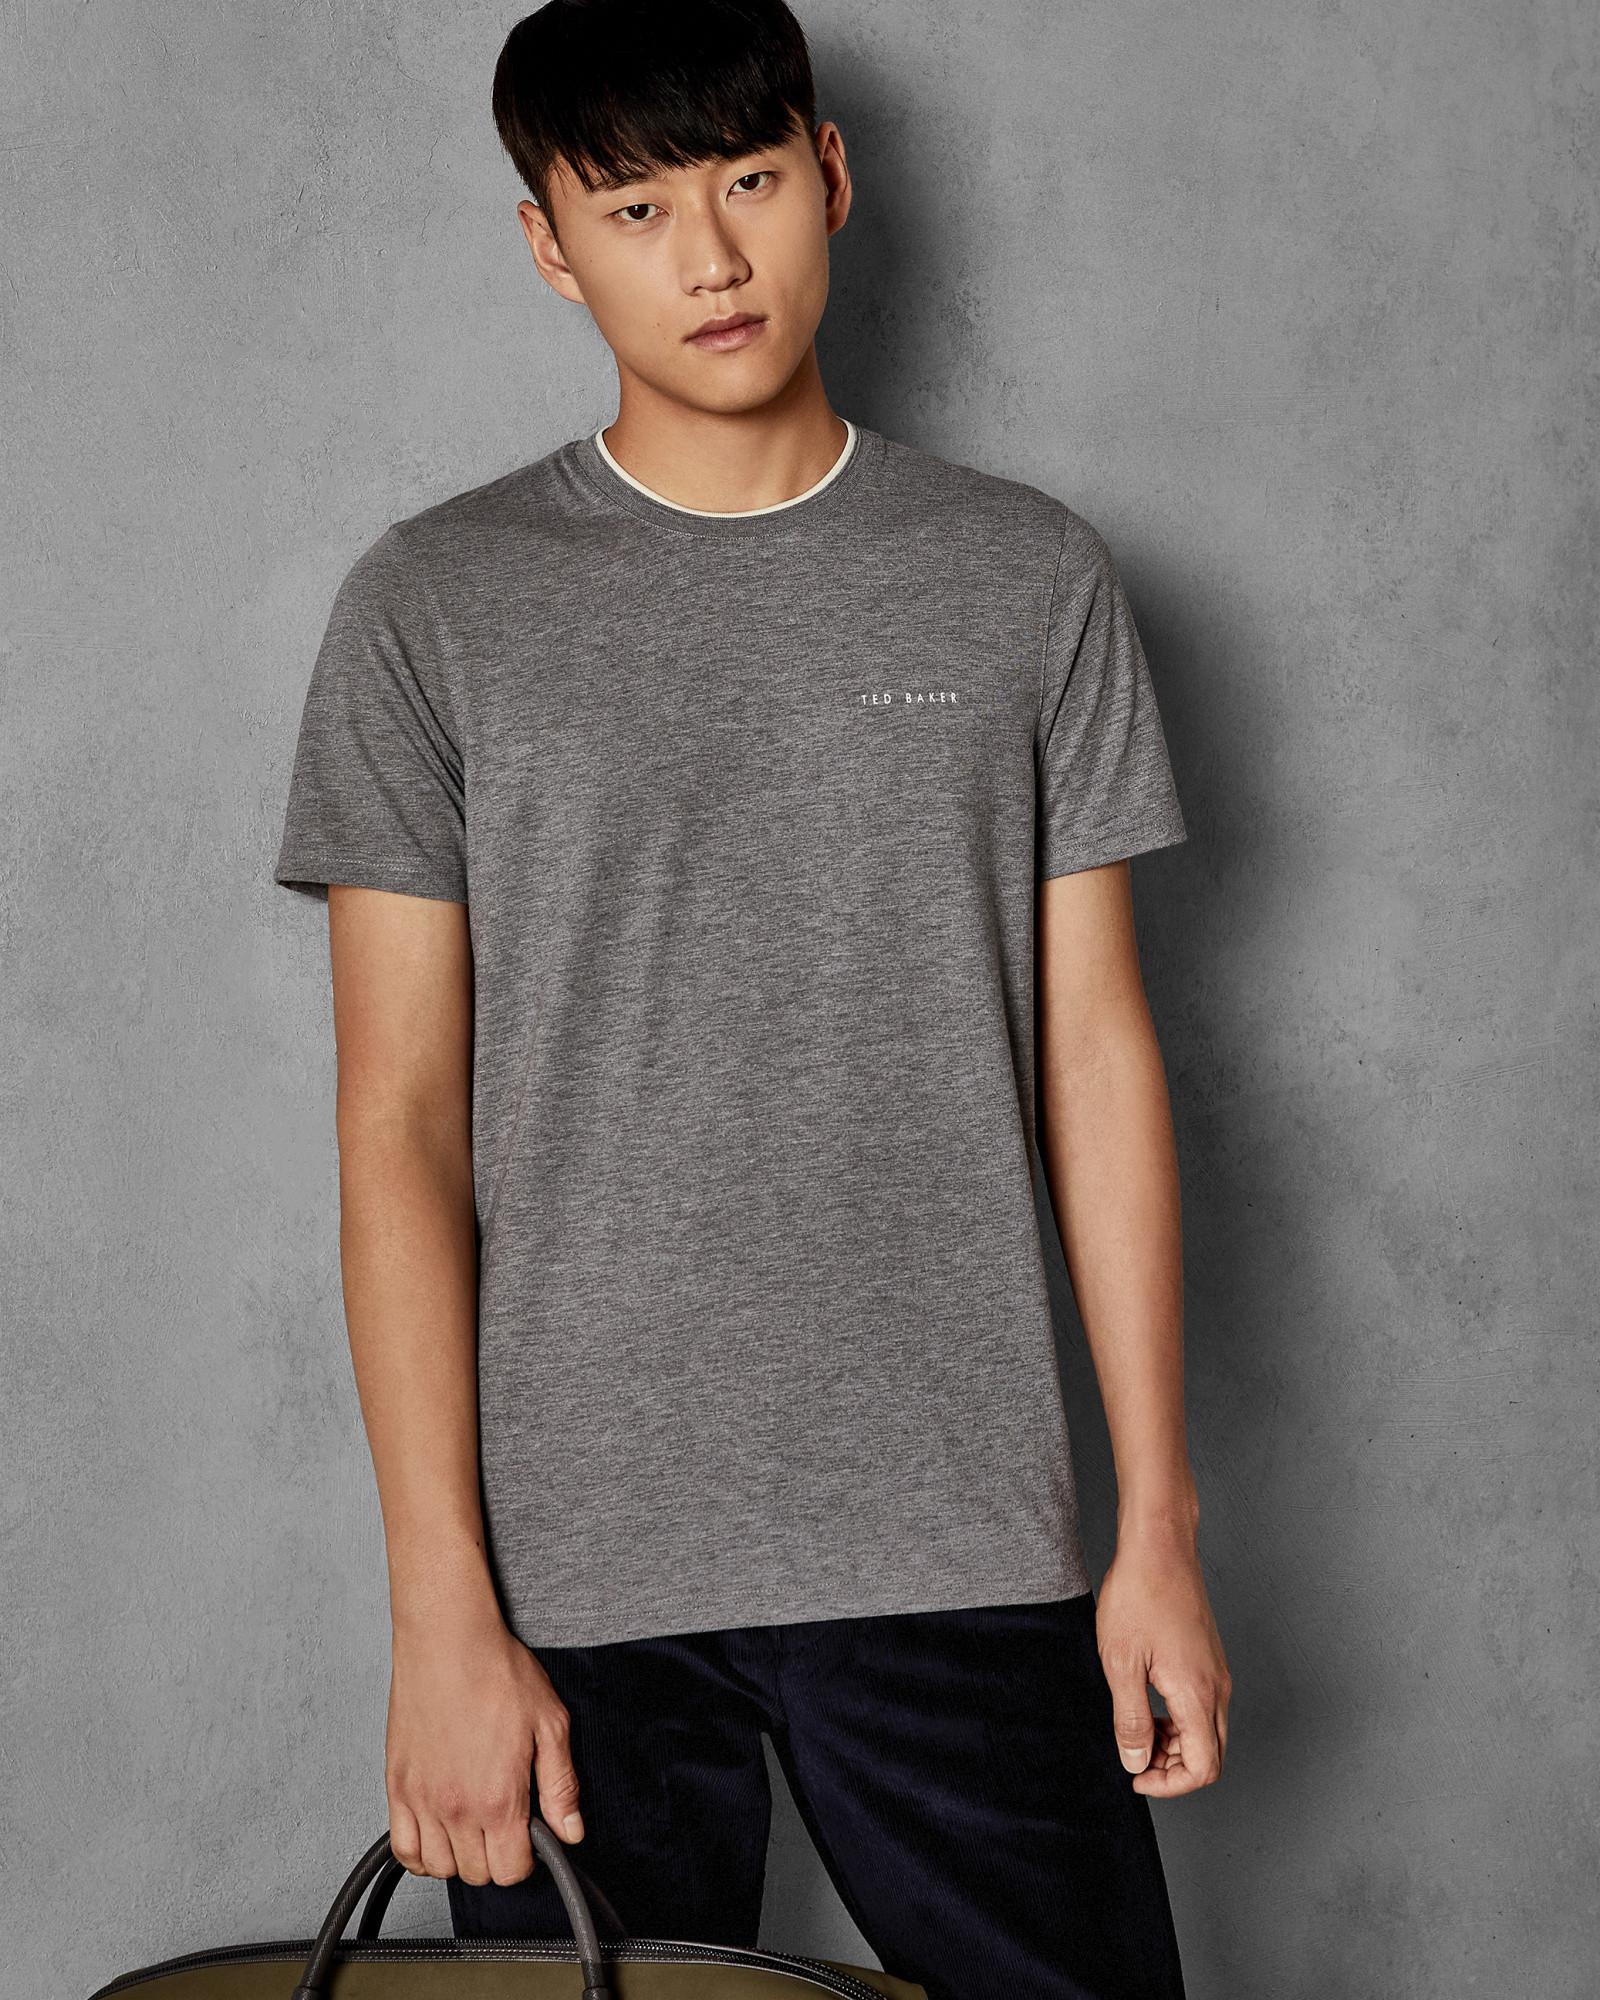 fce06ed444df26 Lyst - Ted Baker Branded T-shirt in Gray for Men